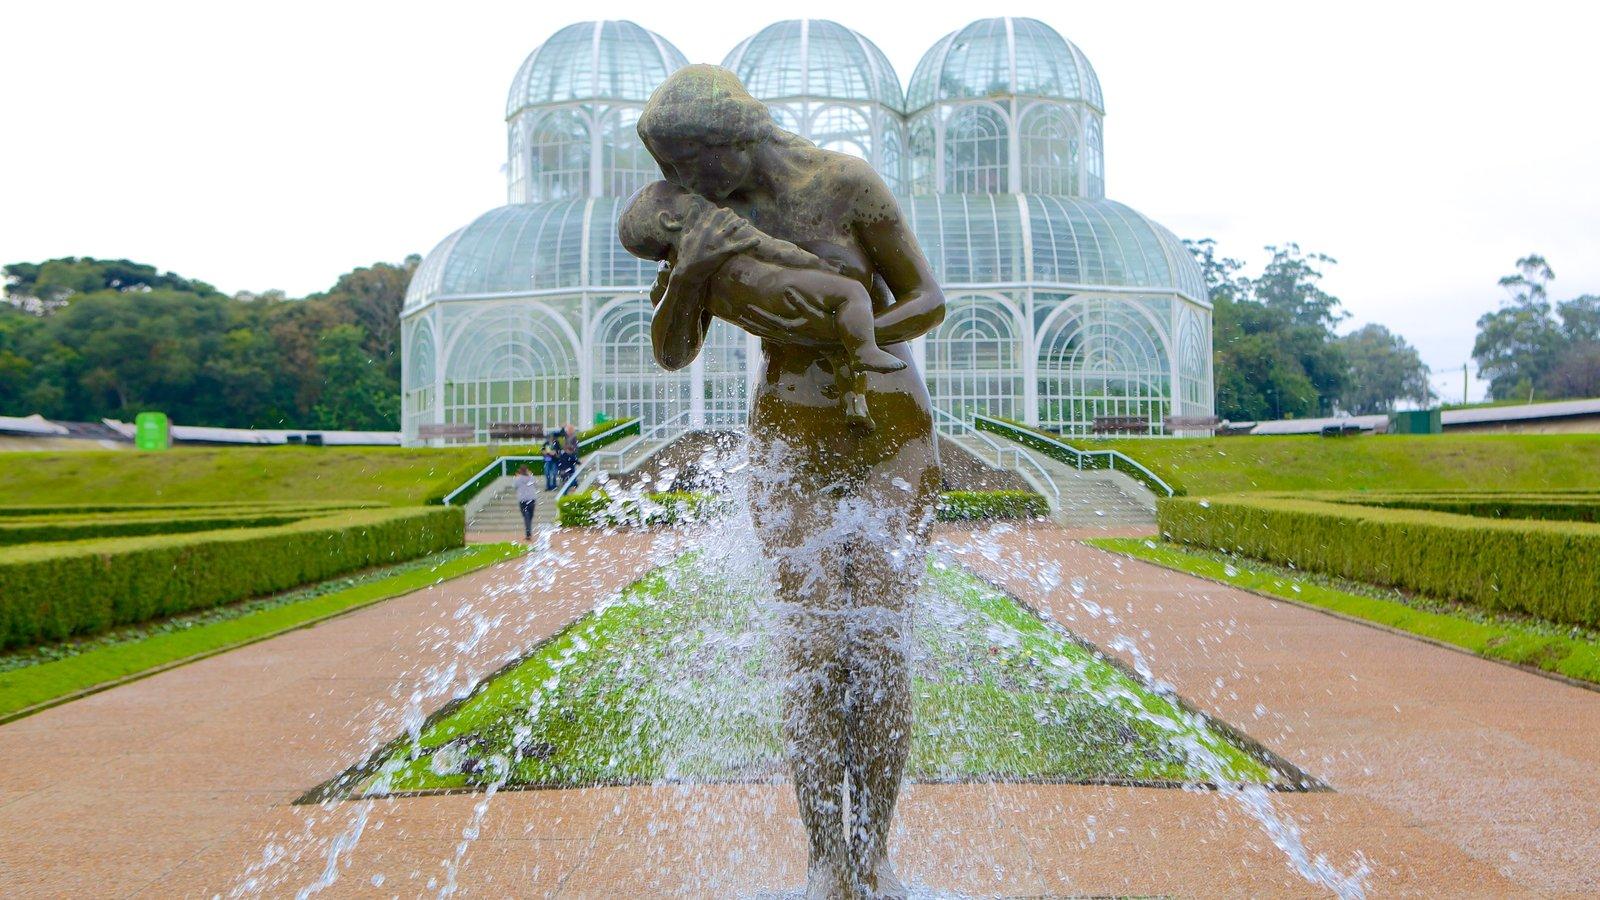 Parque Botânico de Curitiba mostrando um parque, uma fonte e uma estátua ou escultura